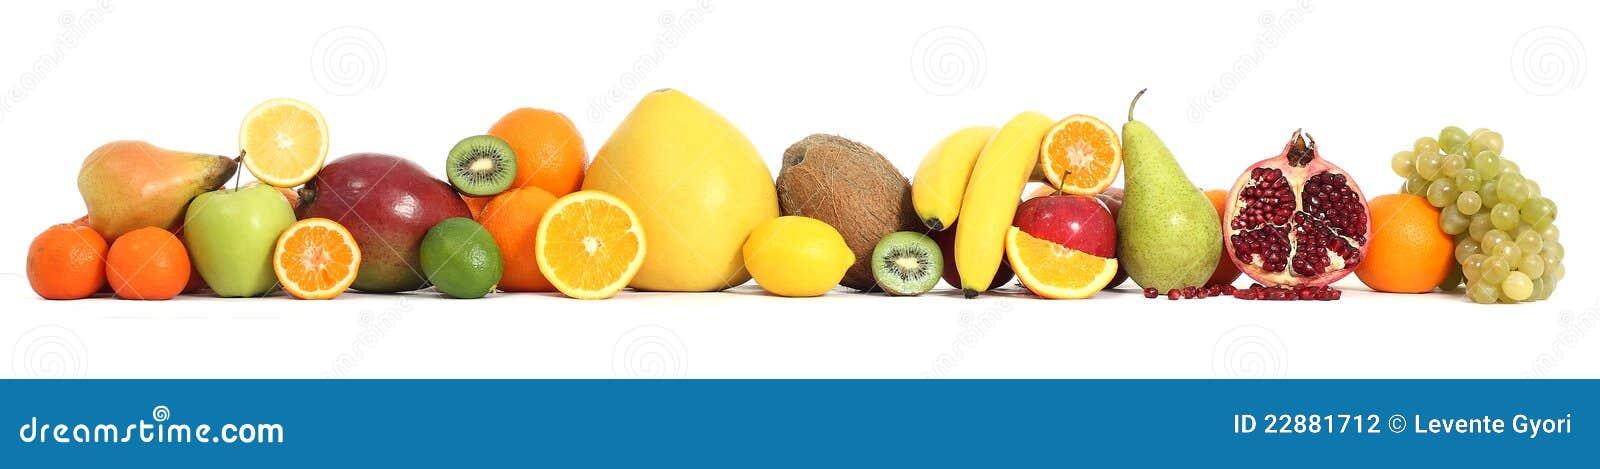 Matfrukt